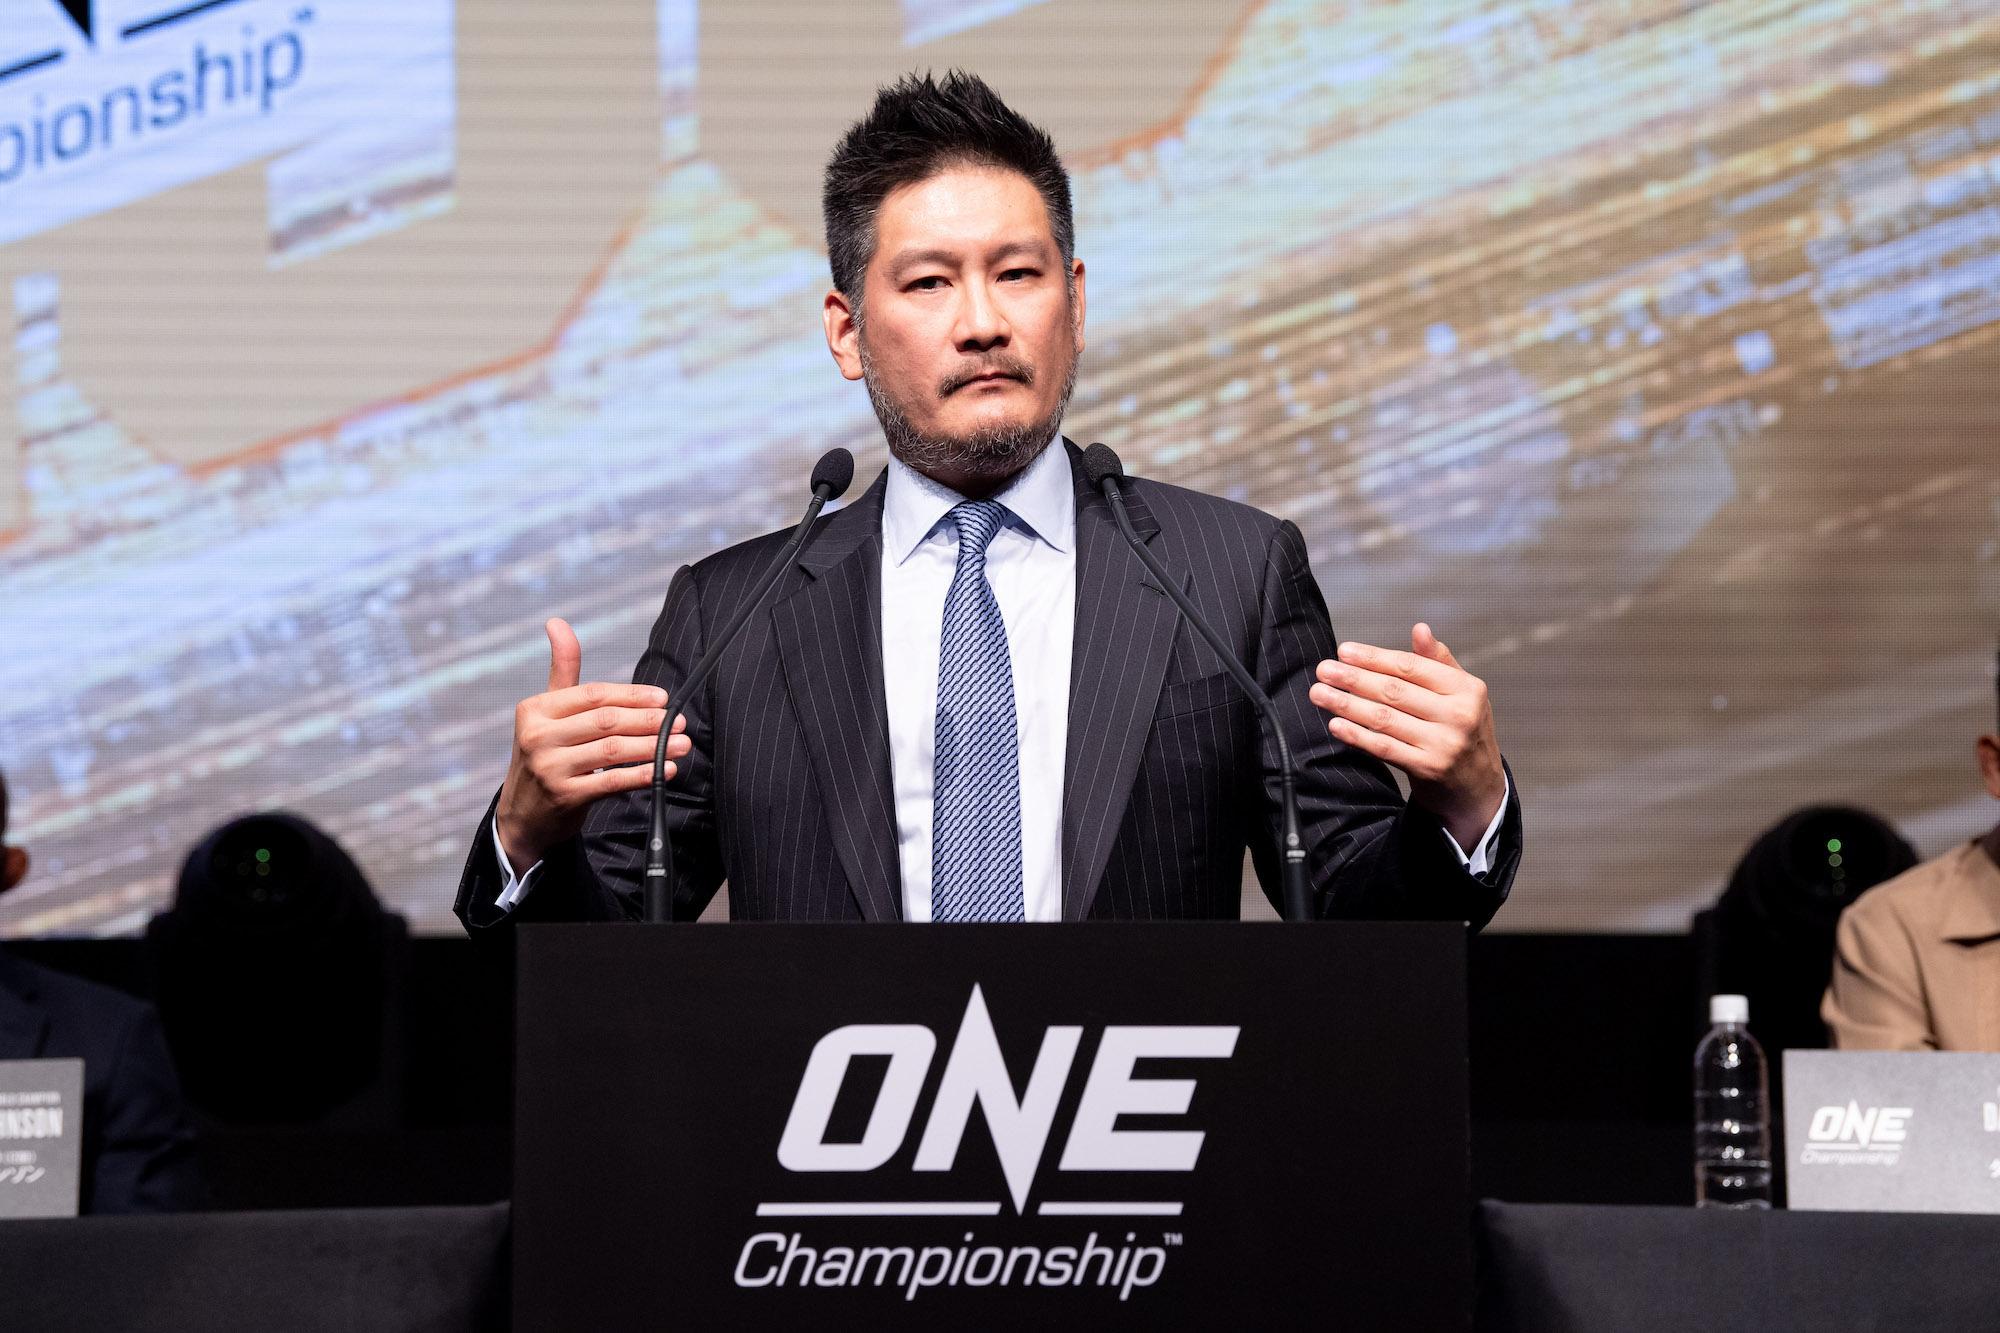 ONE Championship chính thức trở lại với hàng loạt sự kiện tổ chức vào nửa sau của năm 2020 - Ảnh 1.